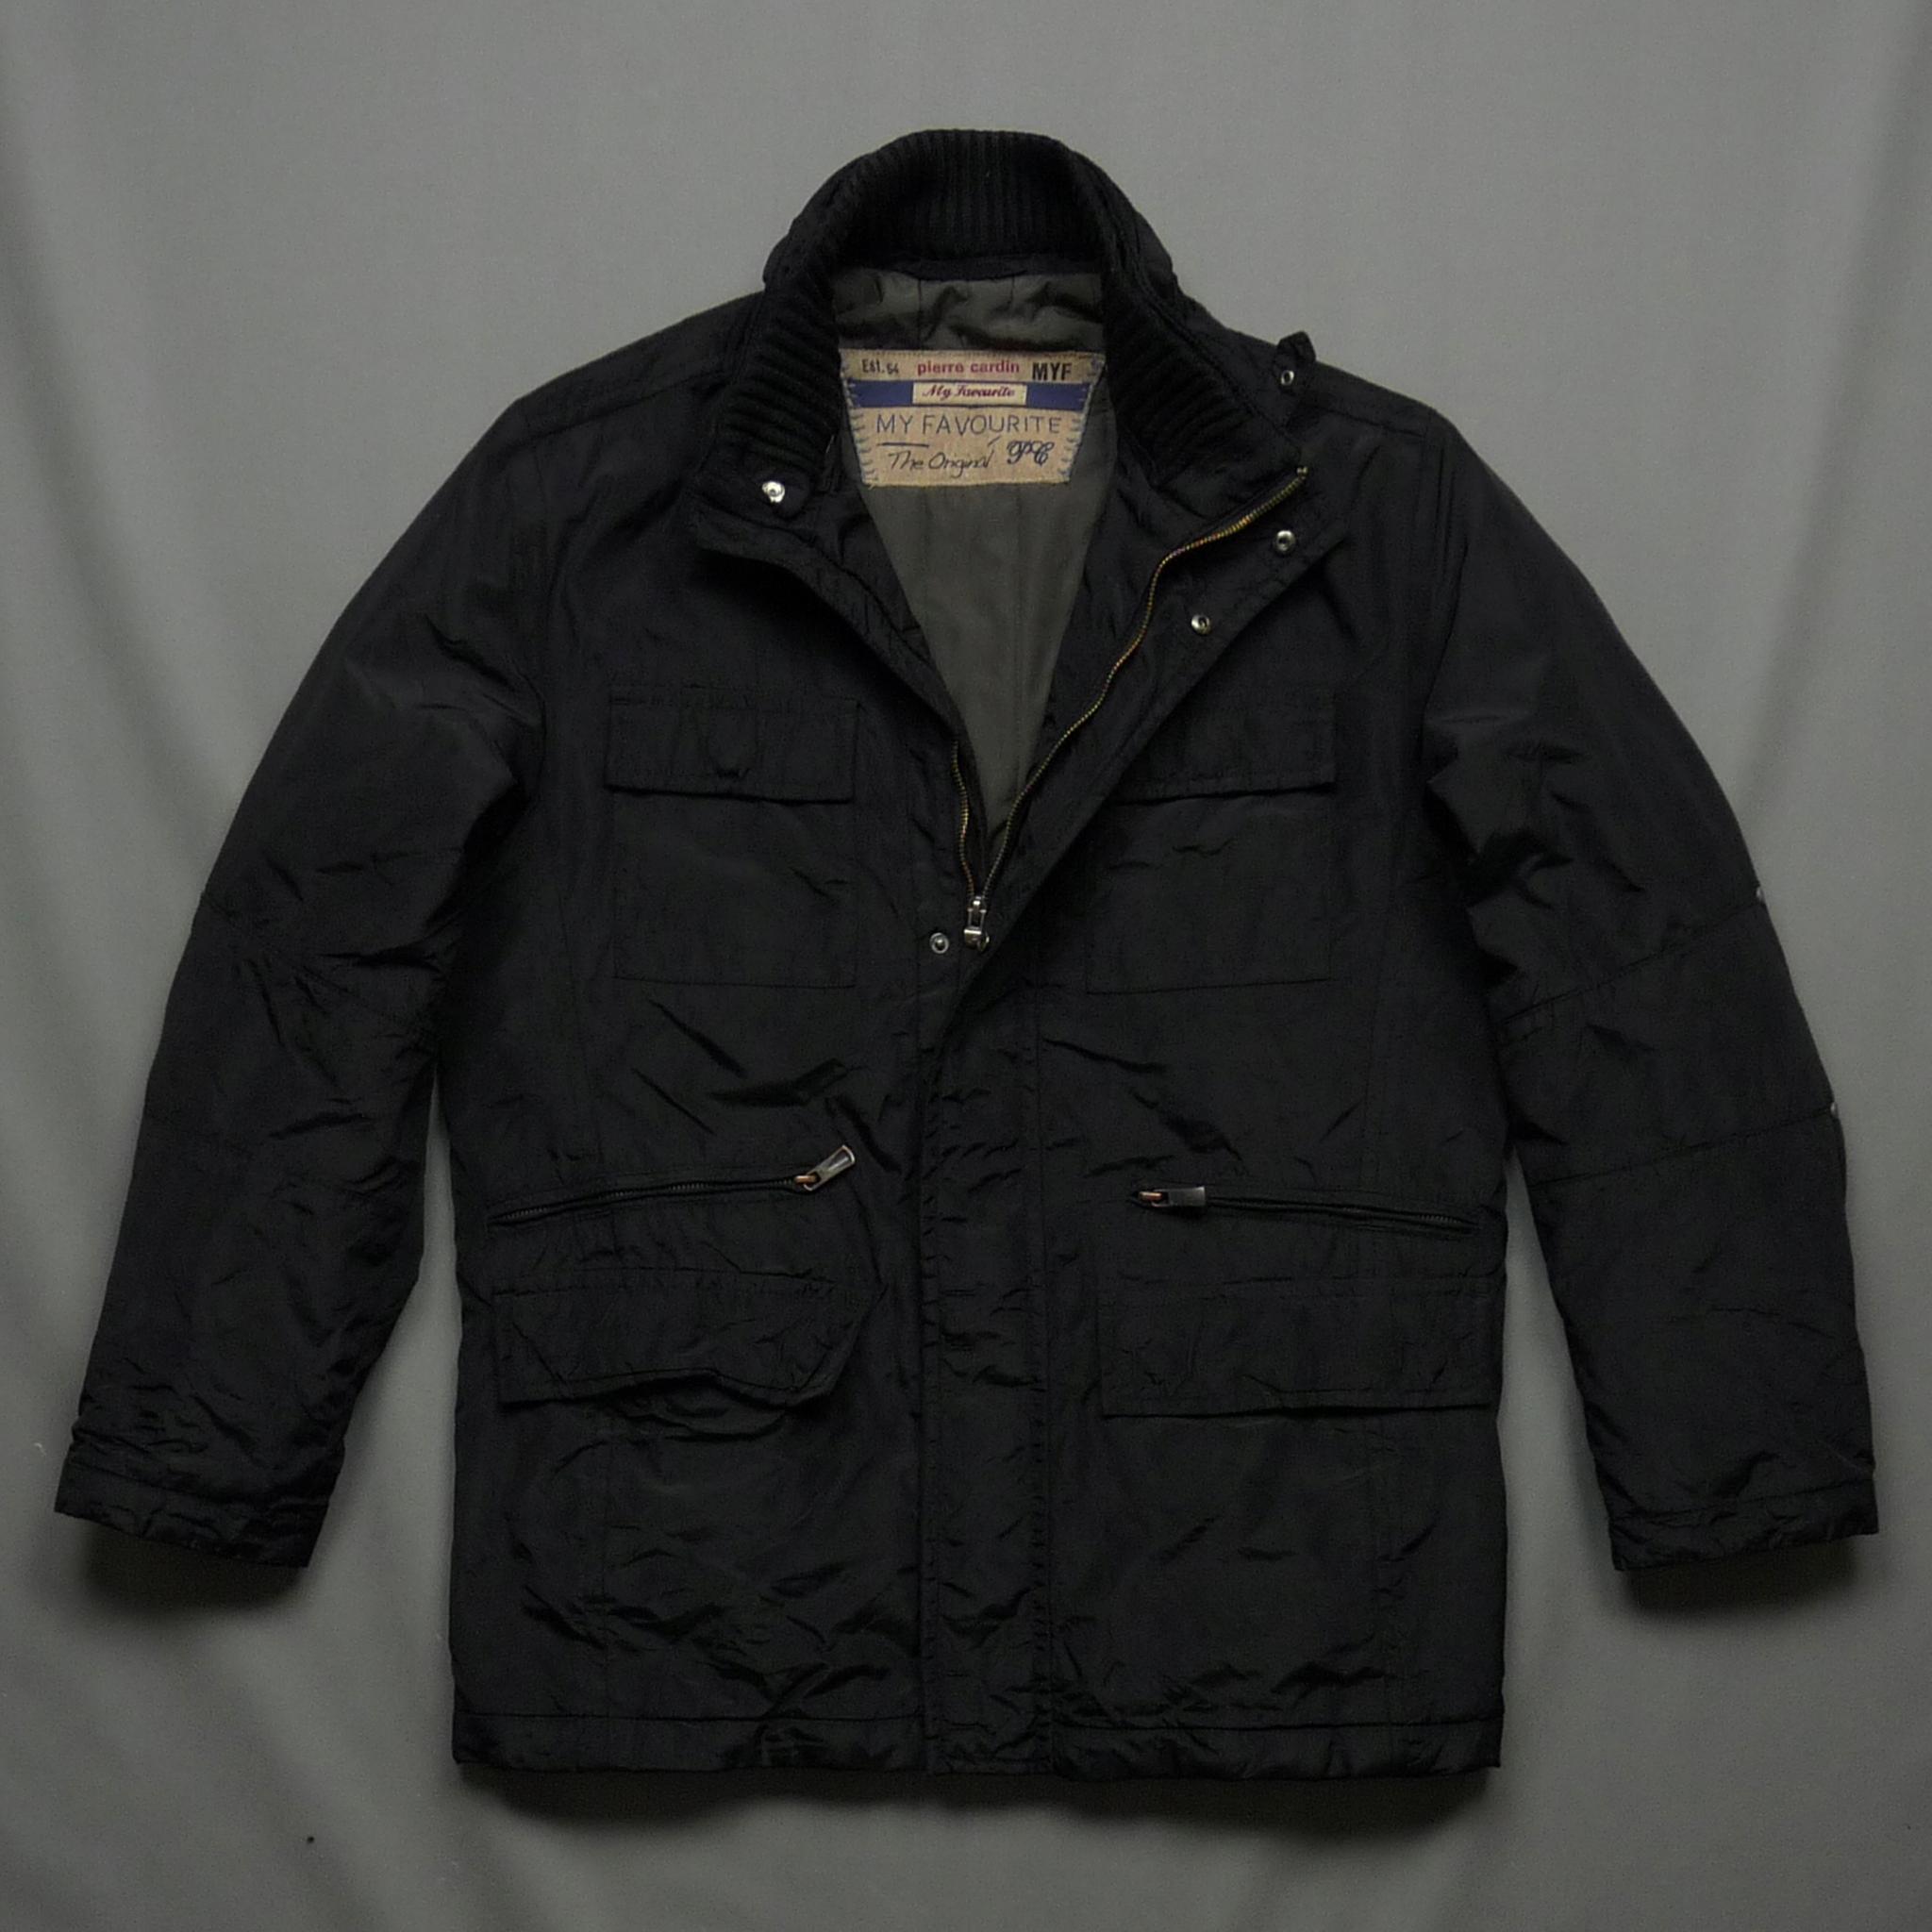 PIERRE CARDIN czarna przejściowa kurtka z logo L